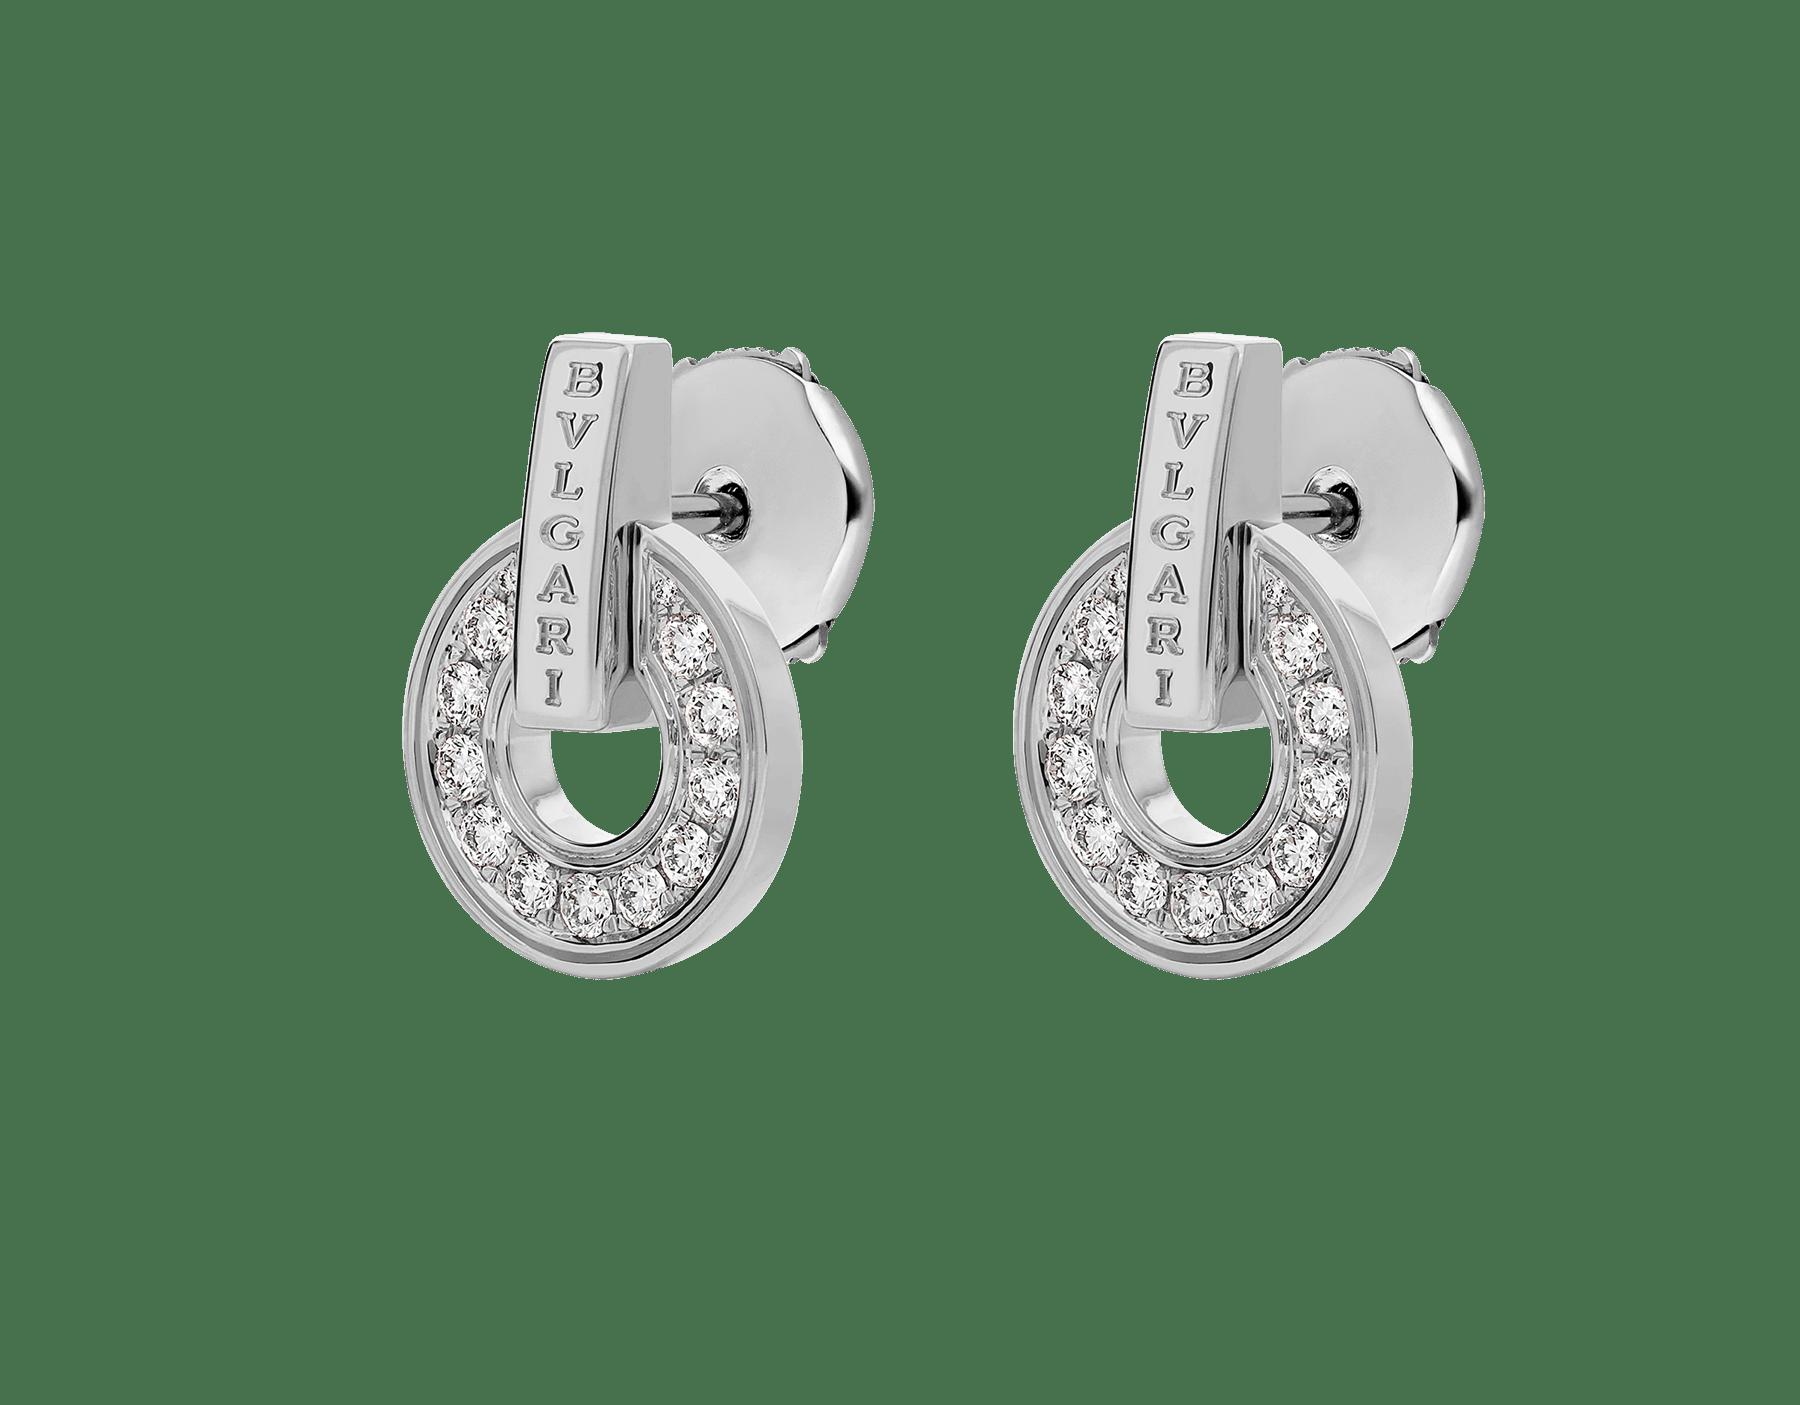 Boucles d'oreilles ajourées BVLGARIBVLGARI en or blanc 18K avec pavé diamants 357940 image 2